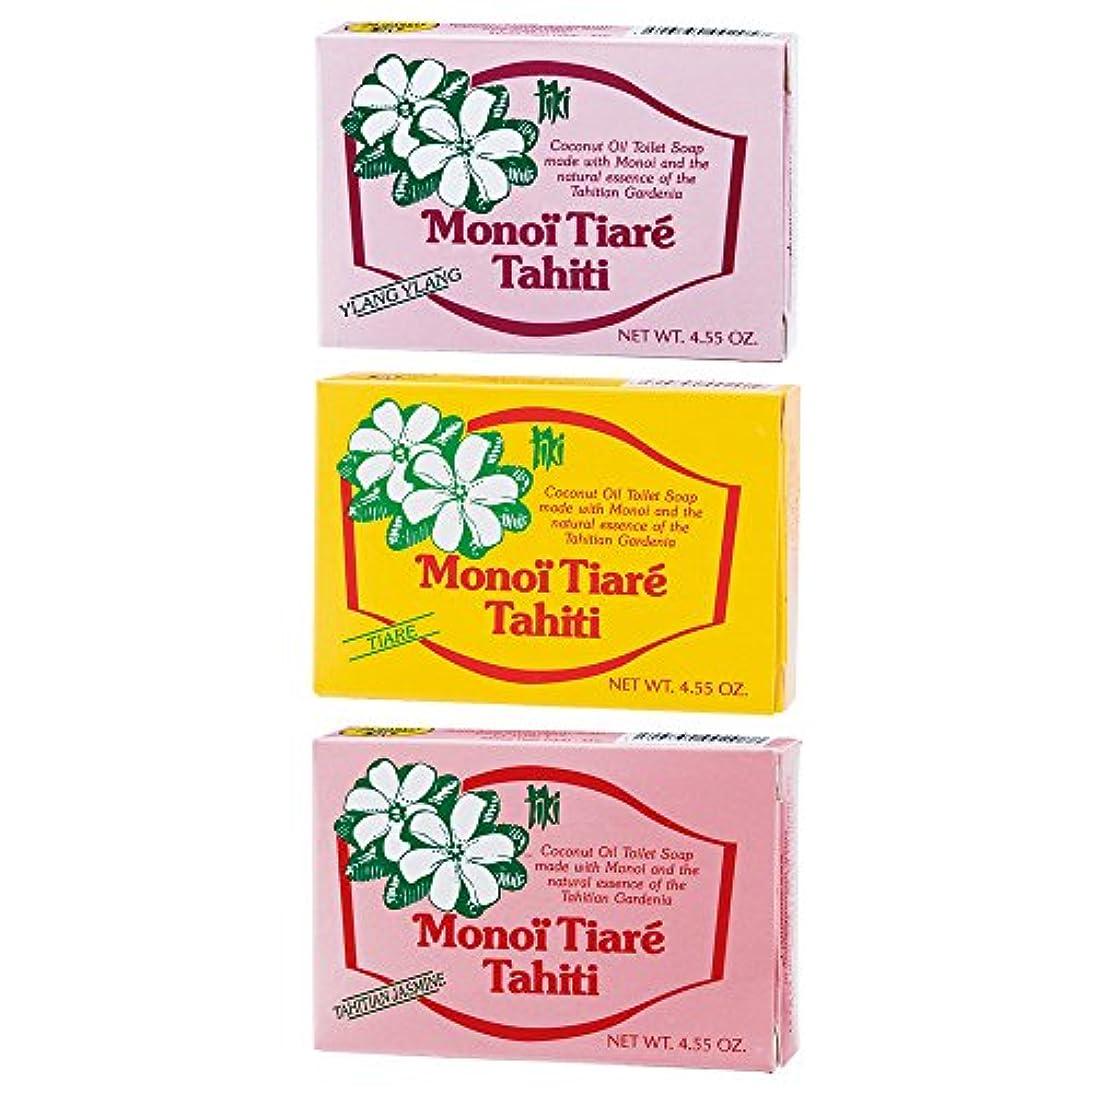 騒ぎ塩辛い教育者タヒチお土産 タヒチ モノイティアレ 石けん 3種セット